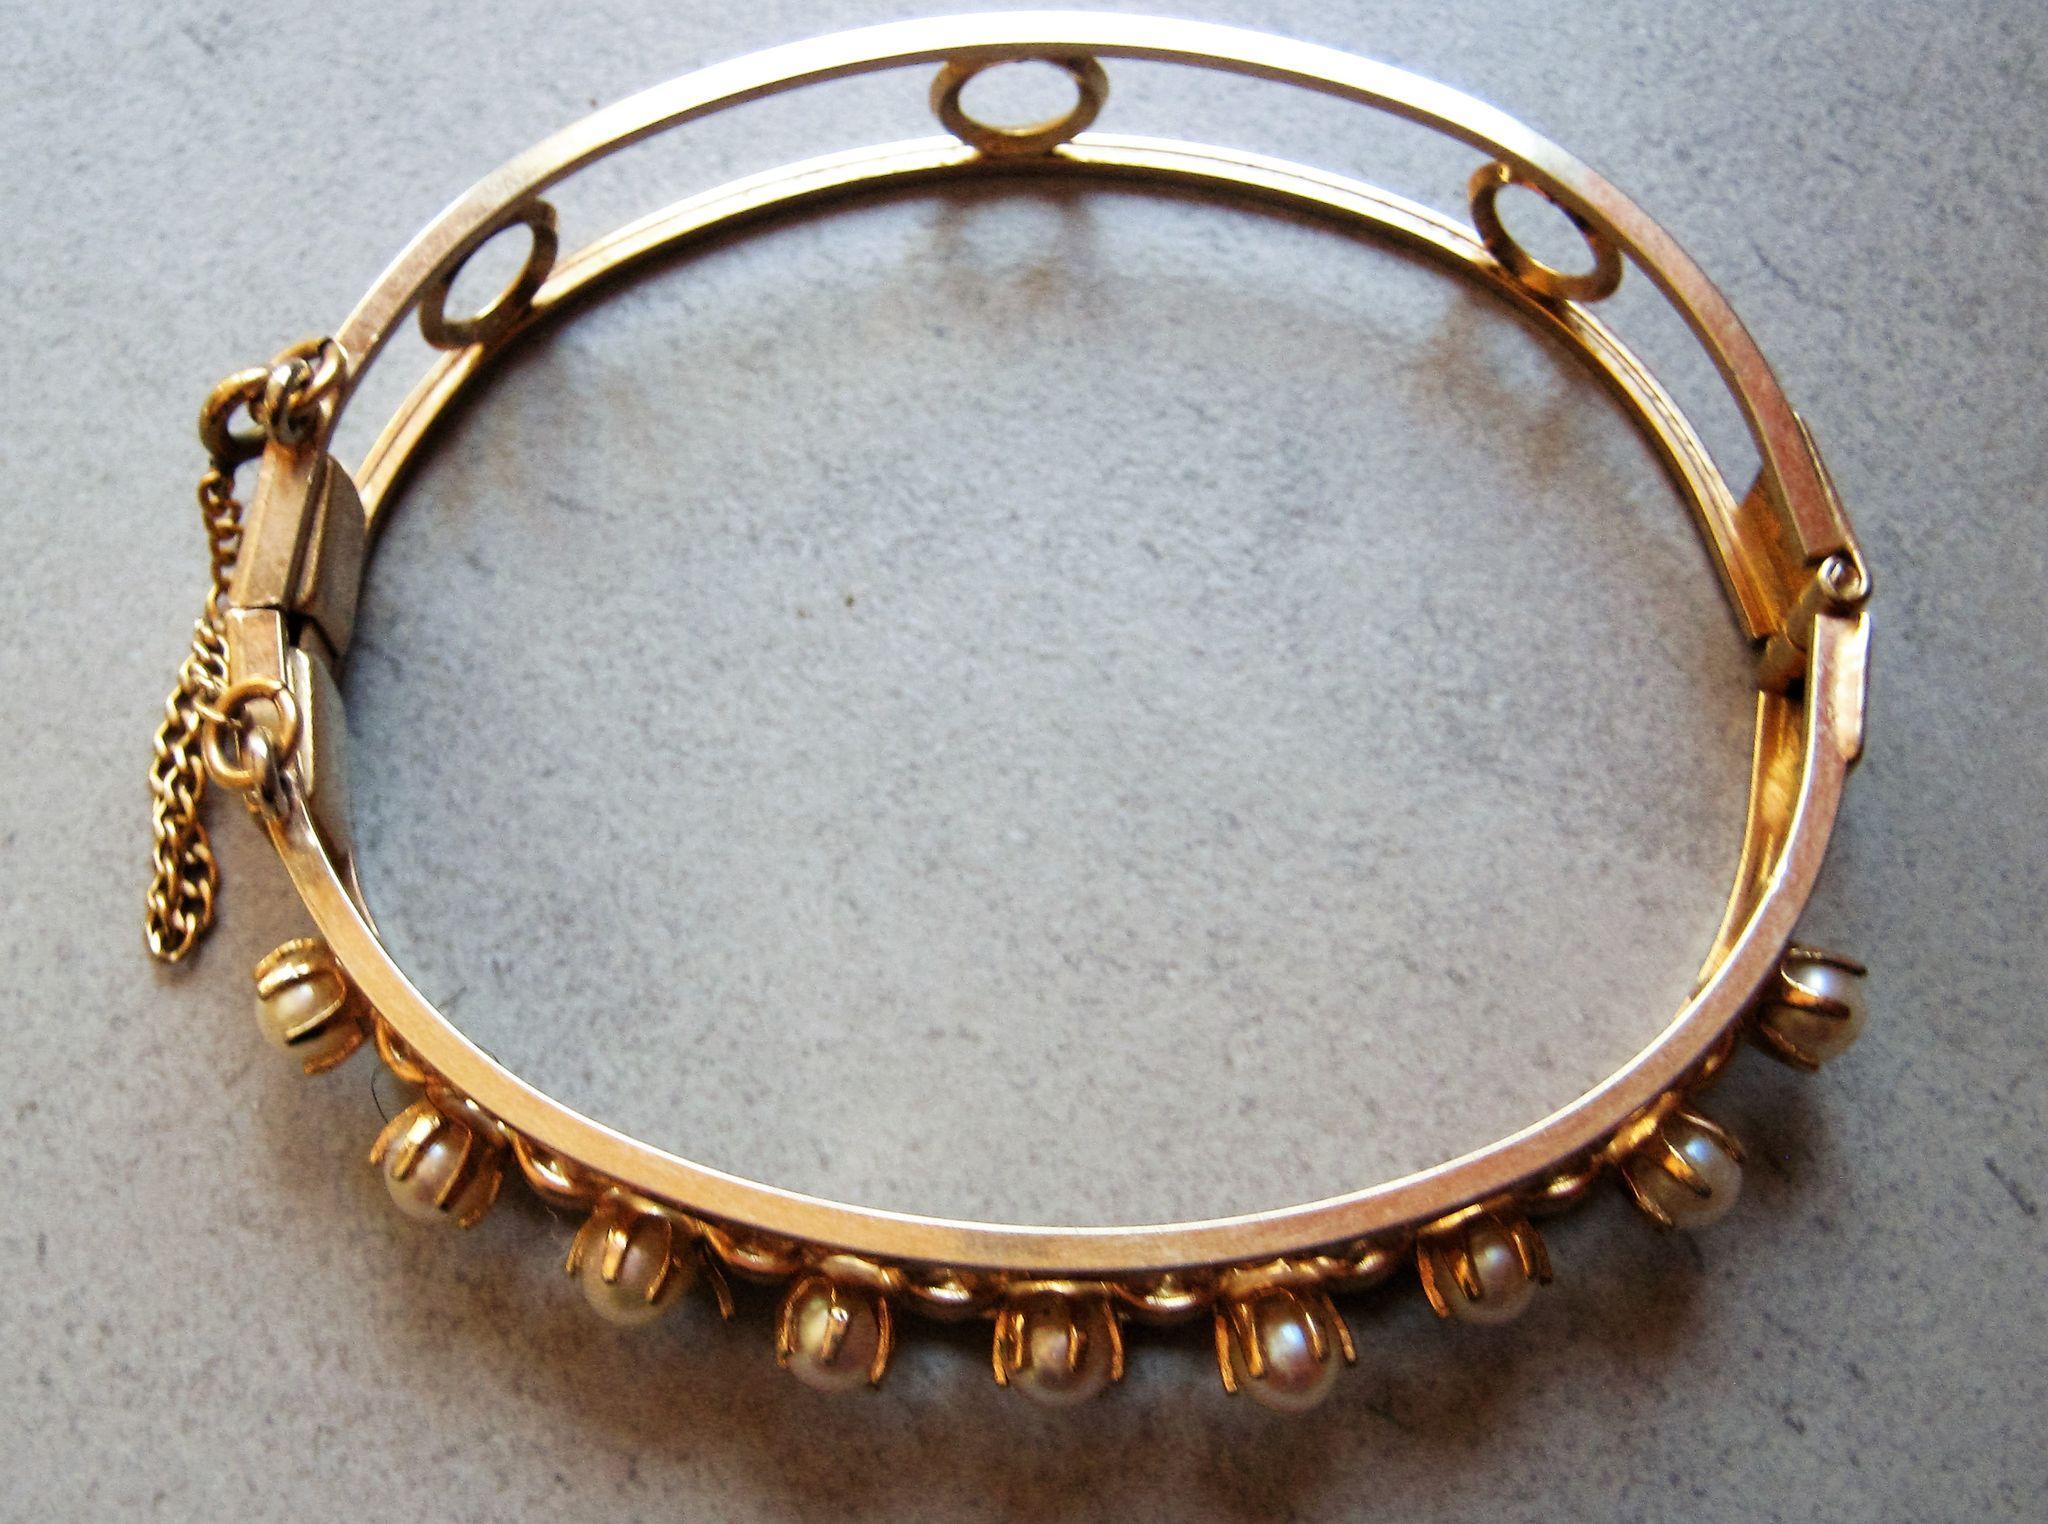 12 kt gold filled cultured pearl bangle bracelet signed karen lynne